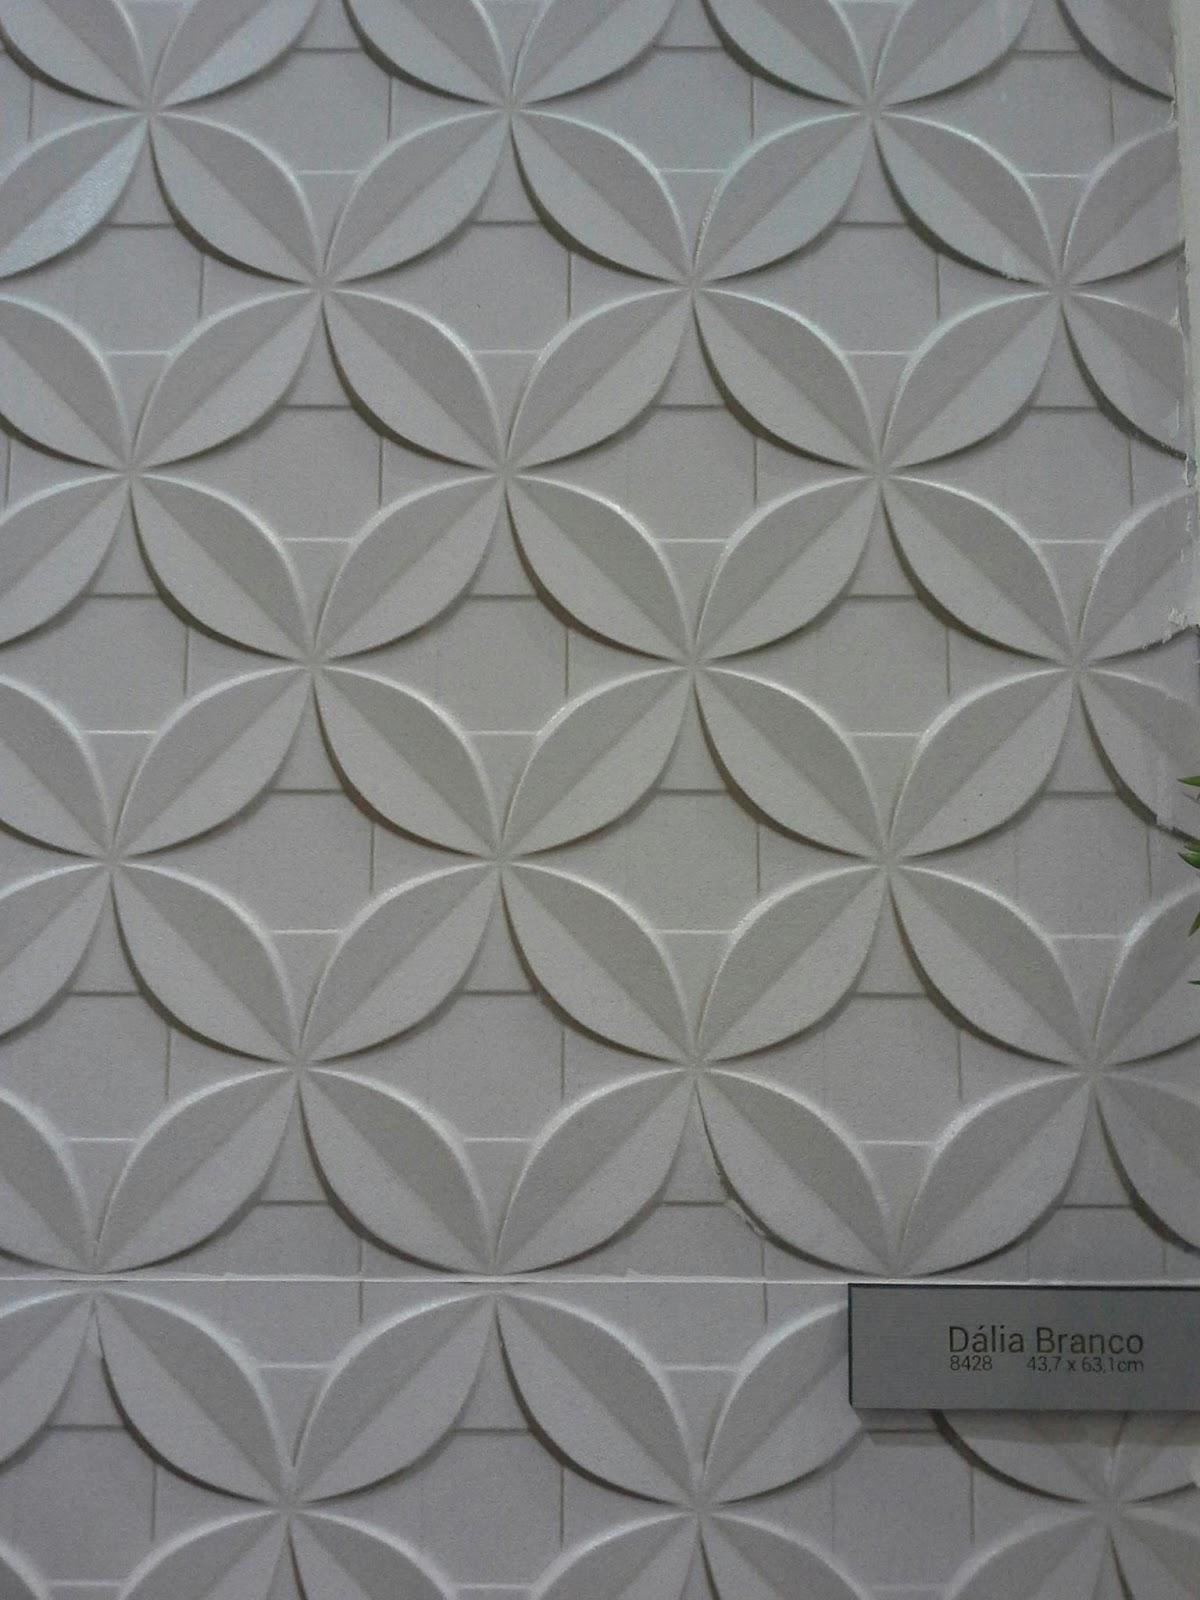 Marina s design interiores mar o 2016 for Azulejos para sketchup 8